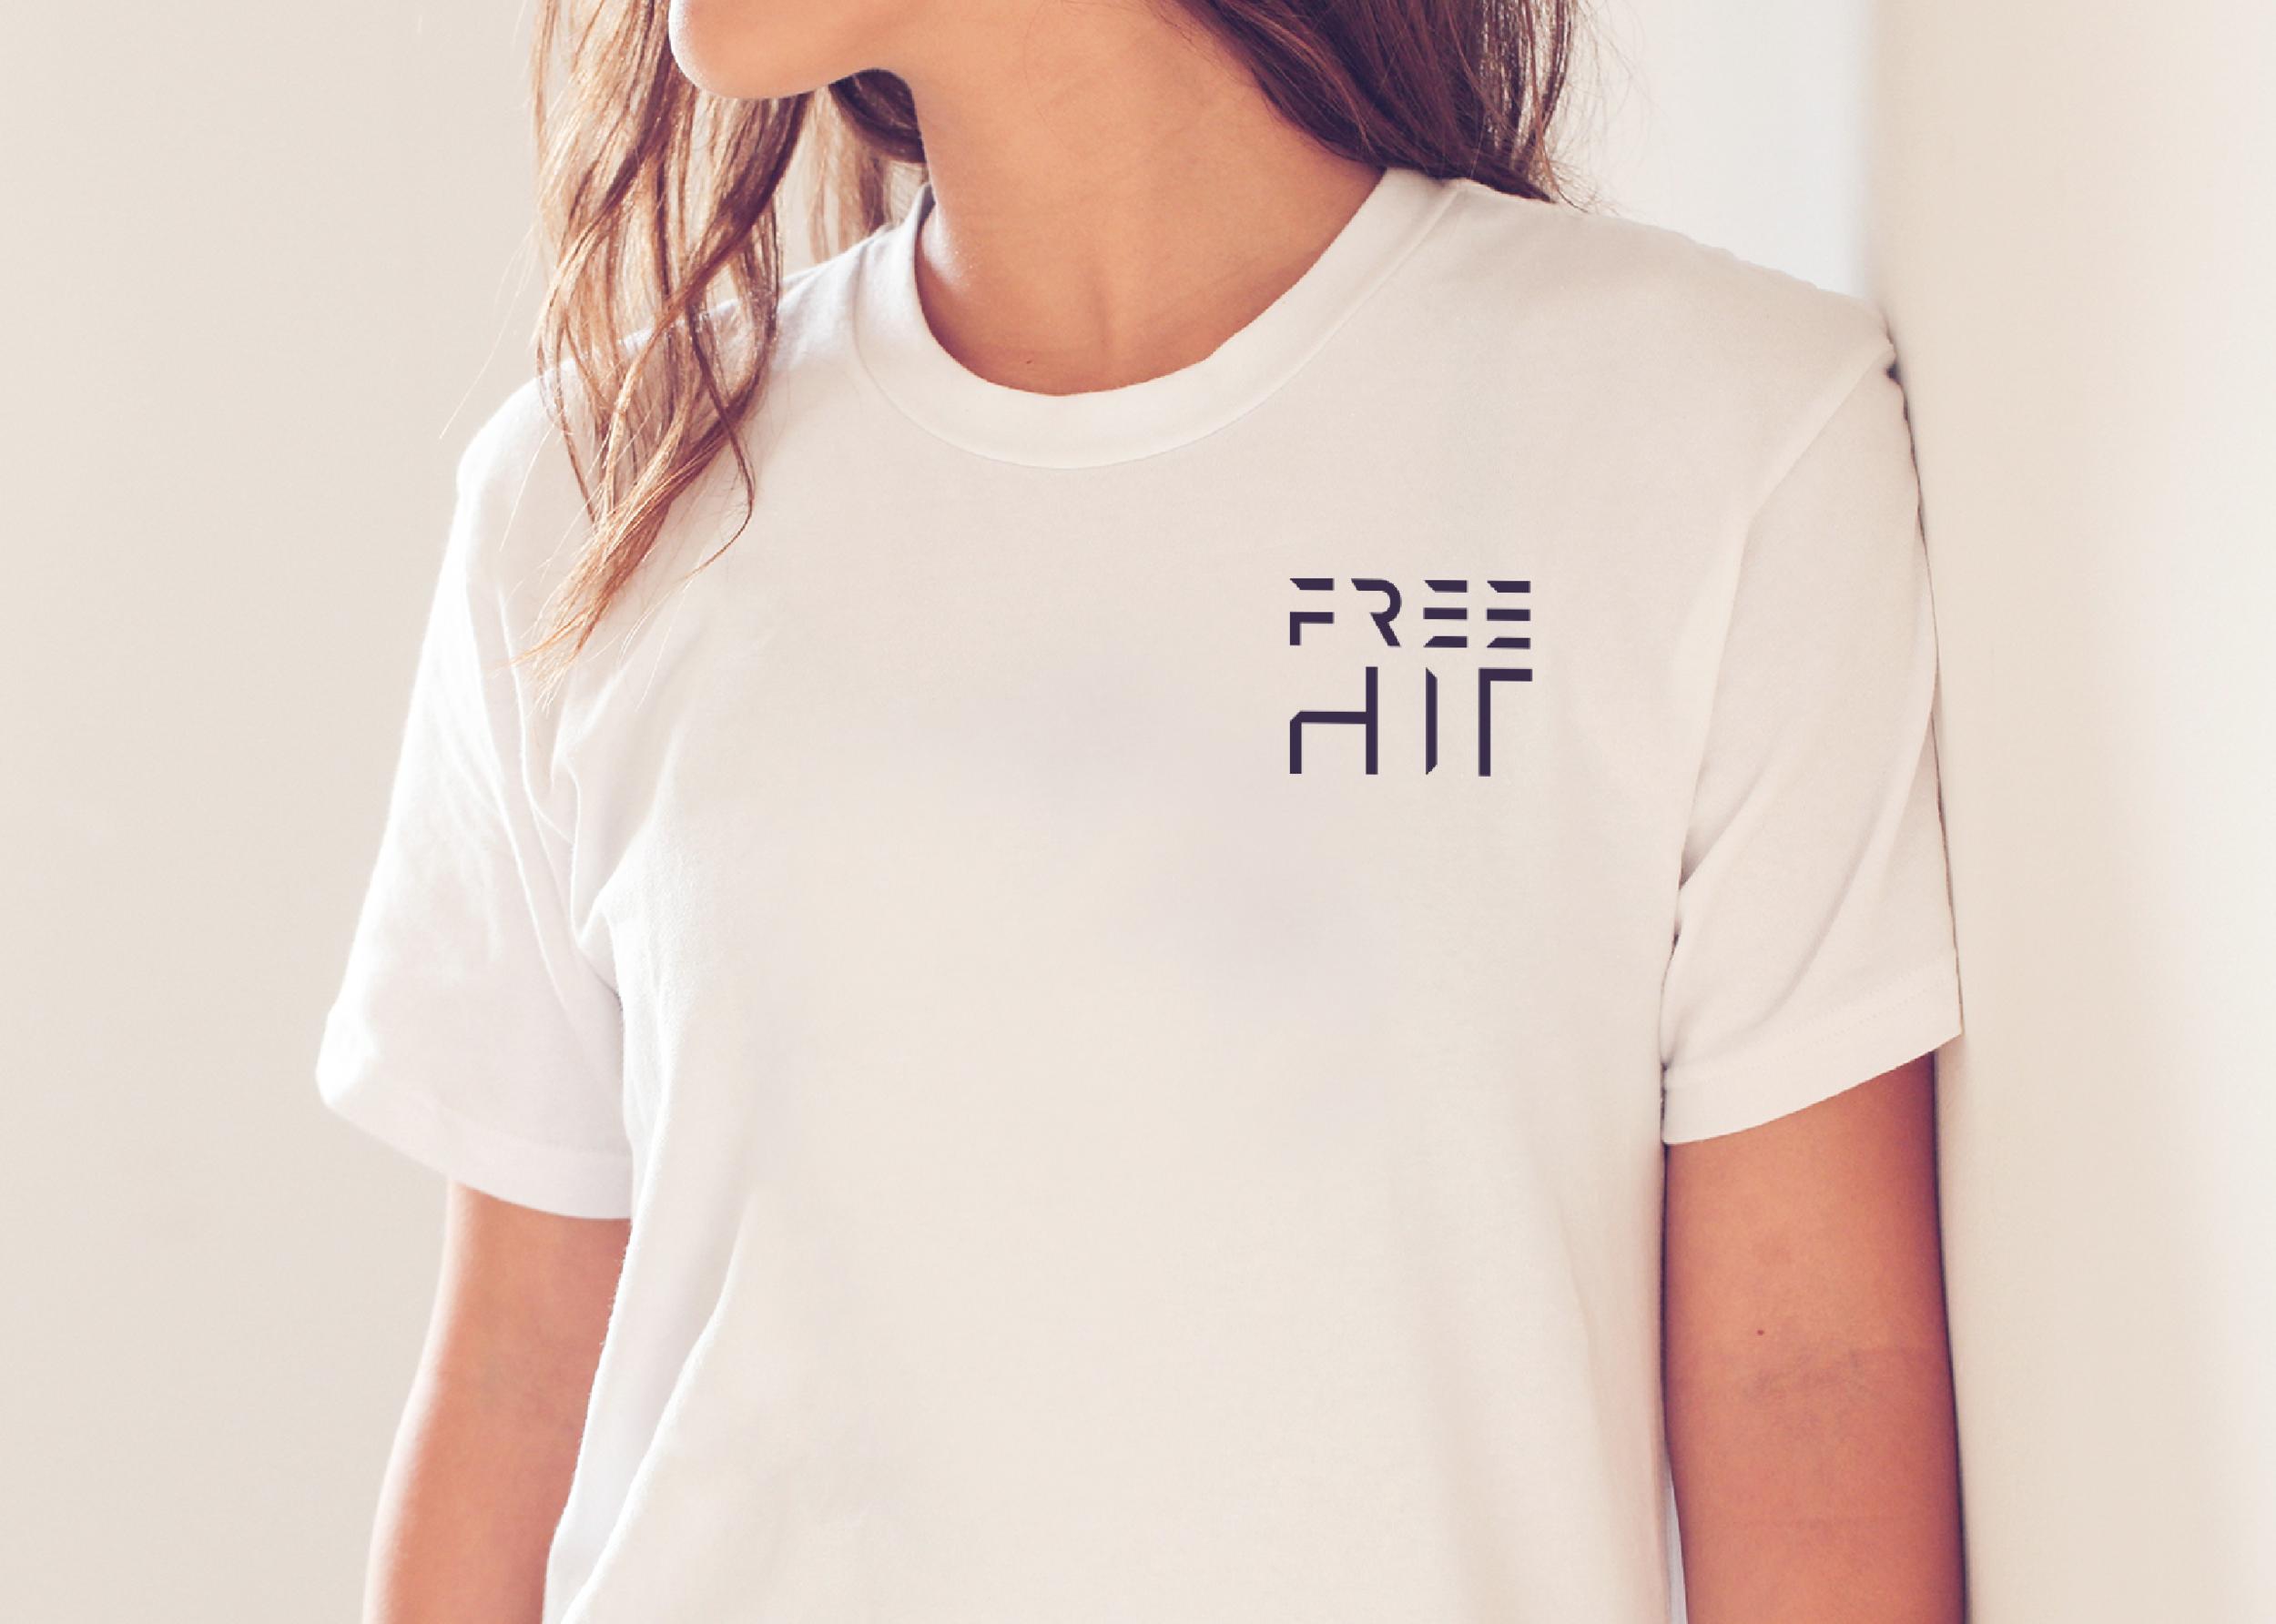 freehit-white-shirt.png